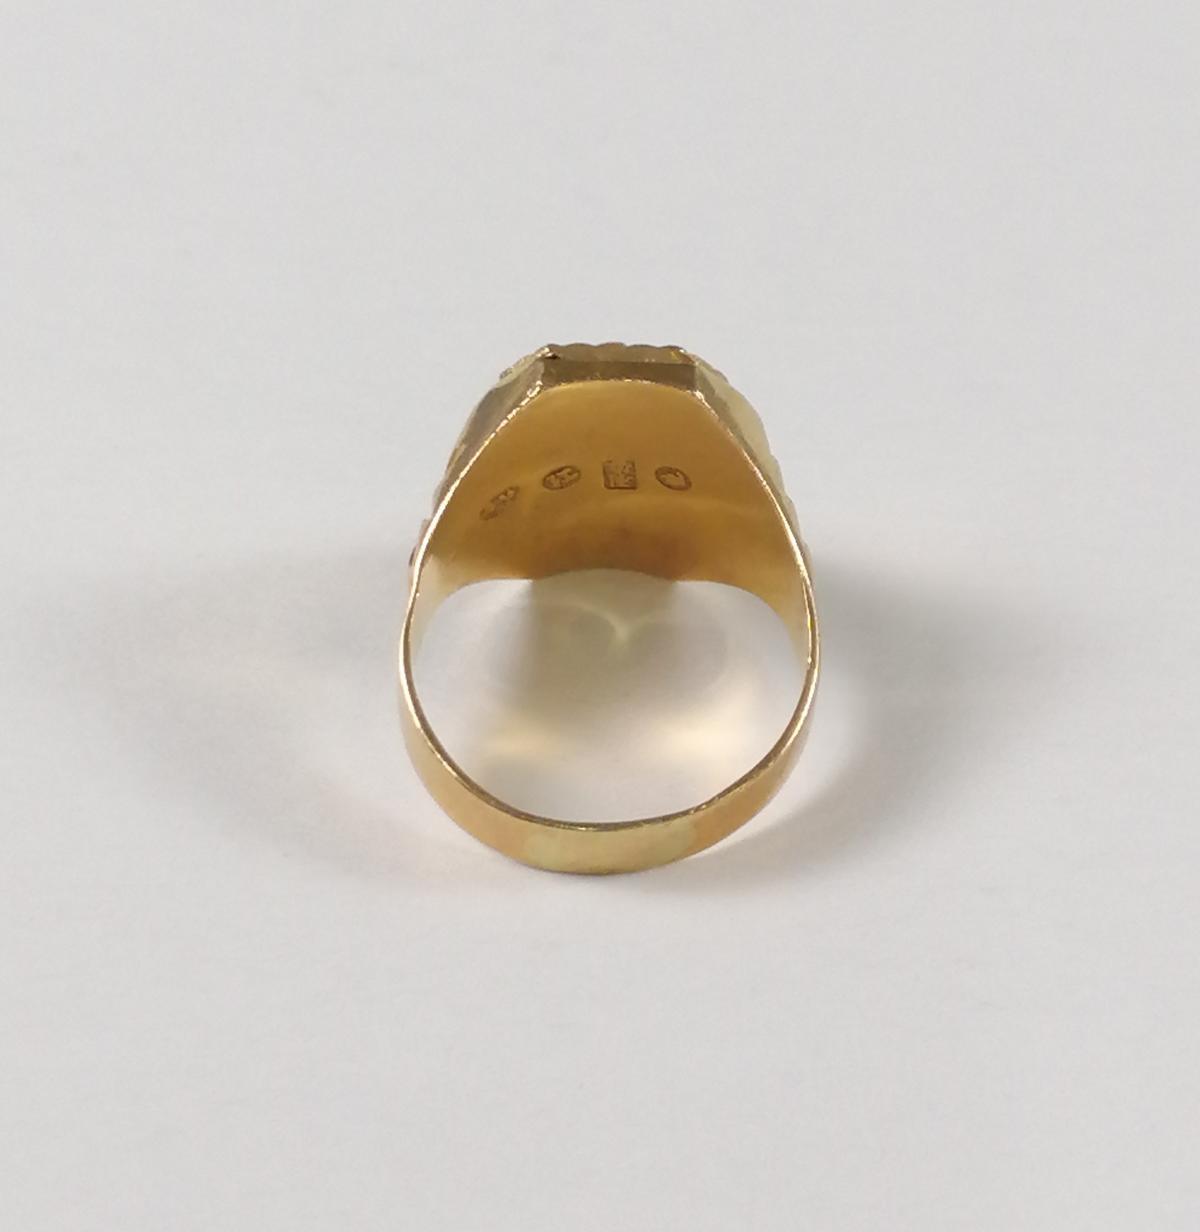 22 Karat Gelbgold-Siegelring mit dem chinesischen Schriftzeichen für 'Langes Leben'-5